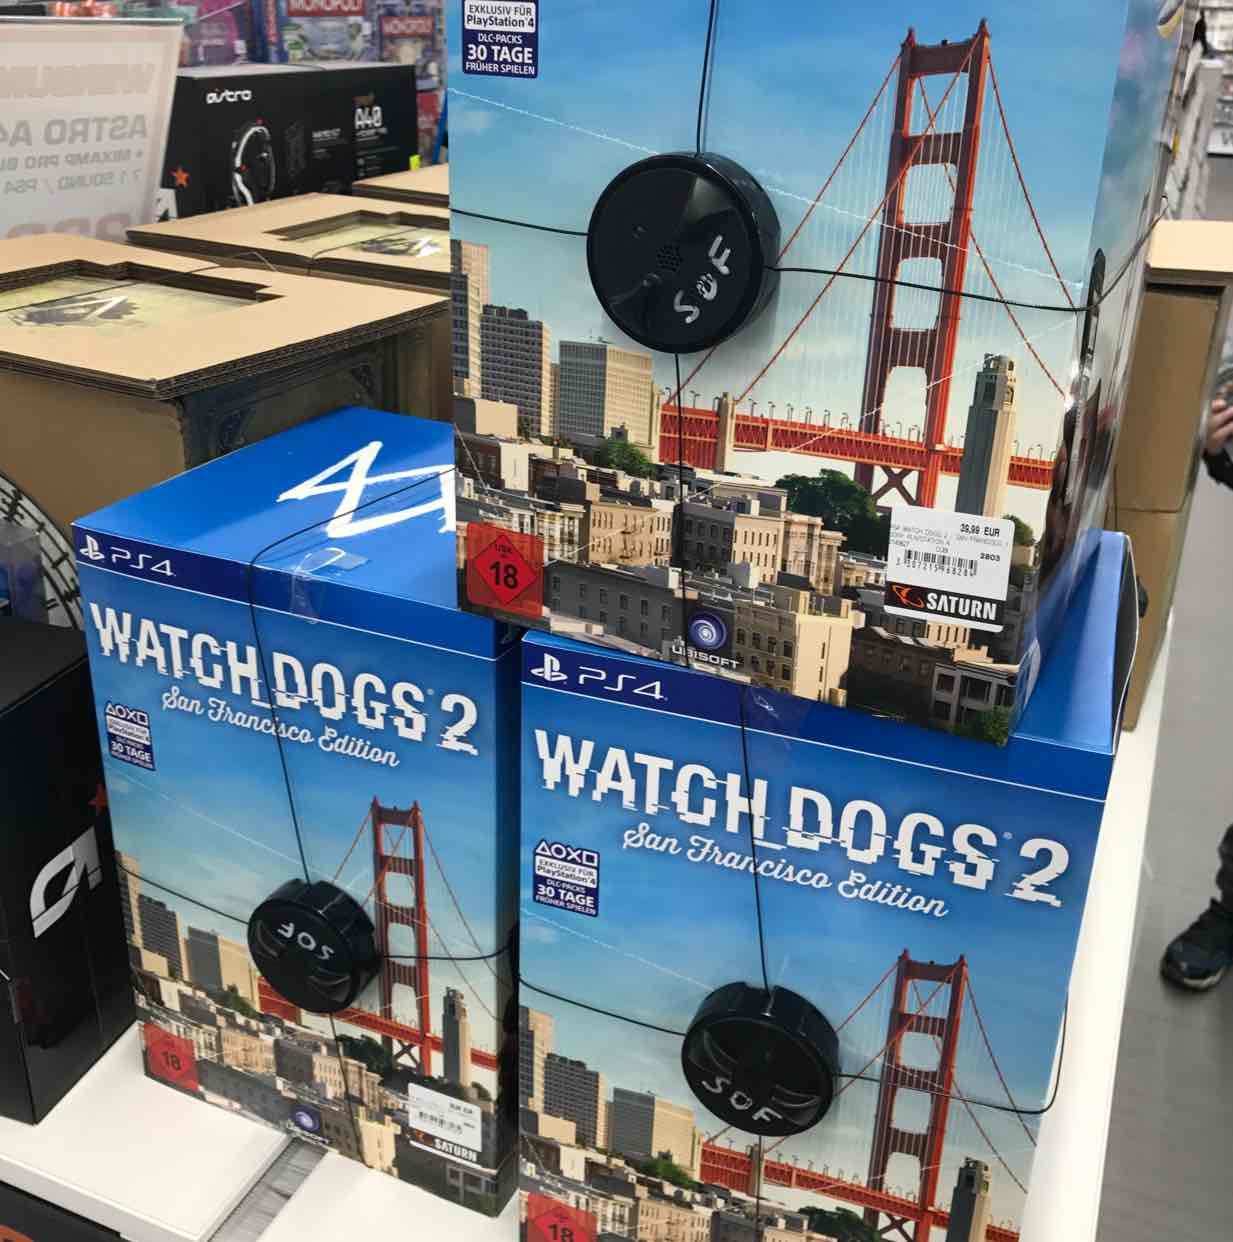 Watch Dogs 2 - San Francisco Edition PS4 (Saturn Spandau)